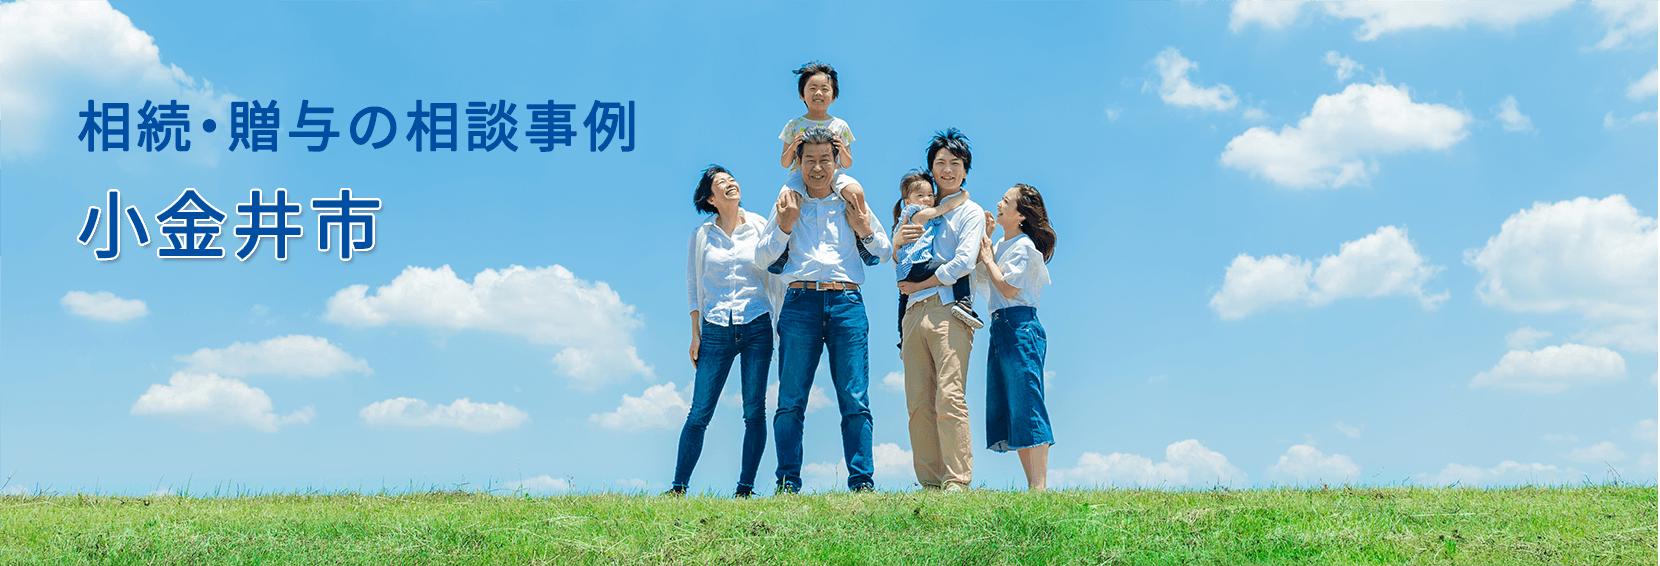 相続・贈与の相談事例-小金井市-イメージ